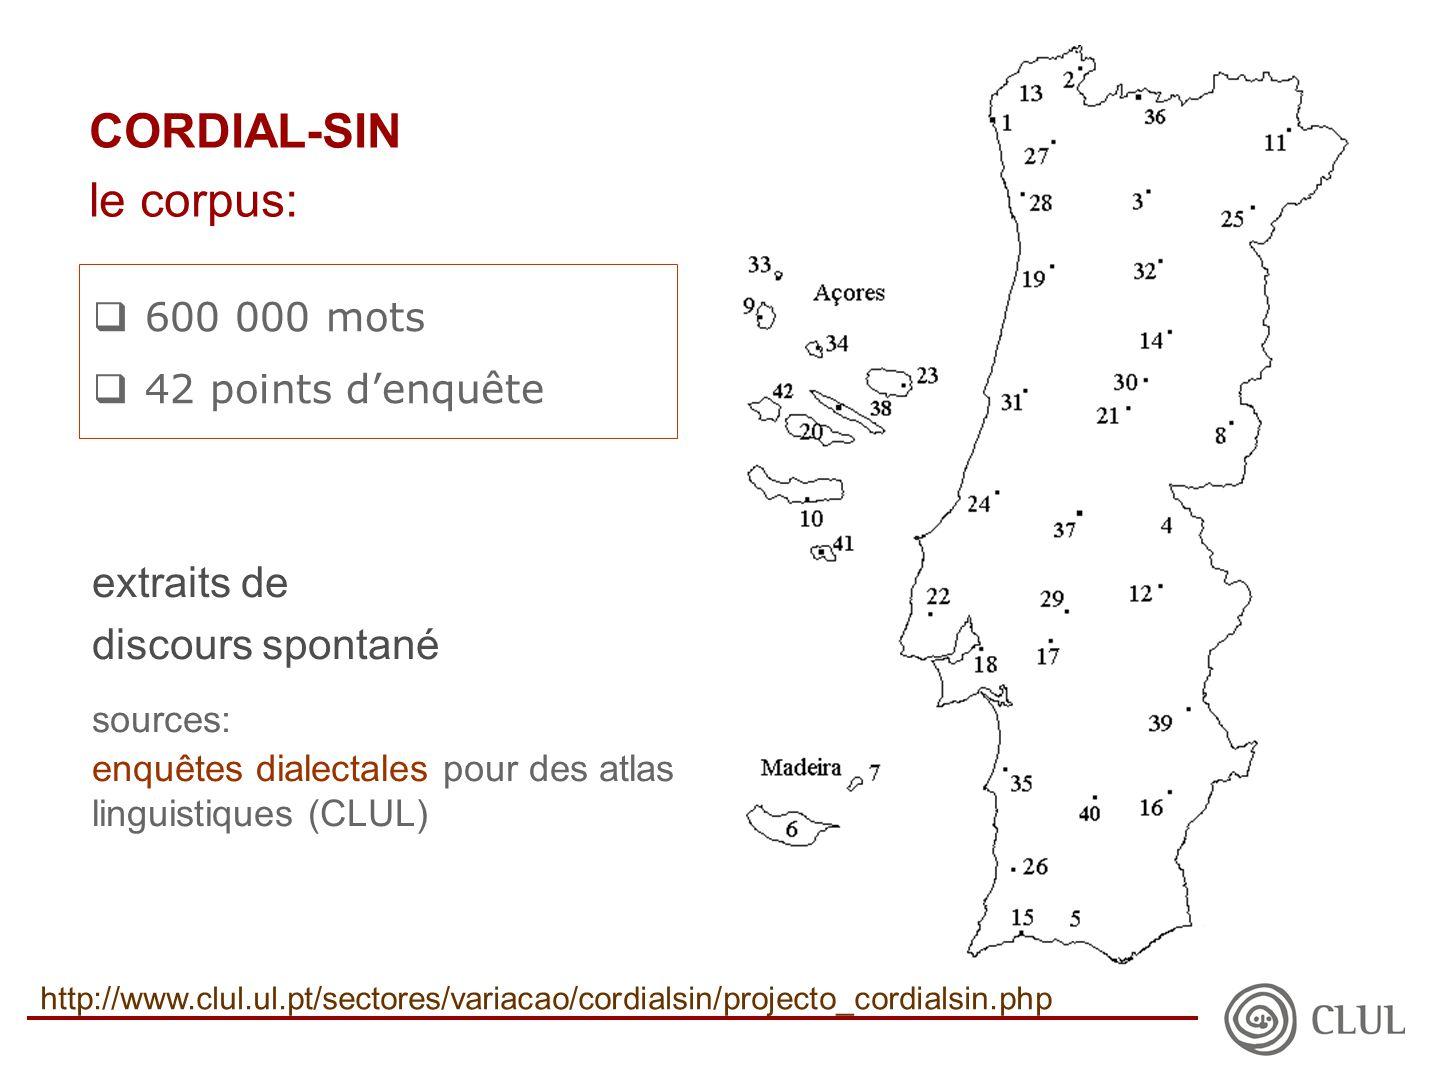  600 000 mots  42 points d'enquête extraits de discours spontané sources: enquêtes dialectales pour des atlas linguistiques (CLUL) CORDIAL-SIN le corpus: http://www.clul.ul.pt/sectores/variacao/cordialsin/projecto_cordialsin.php